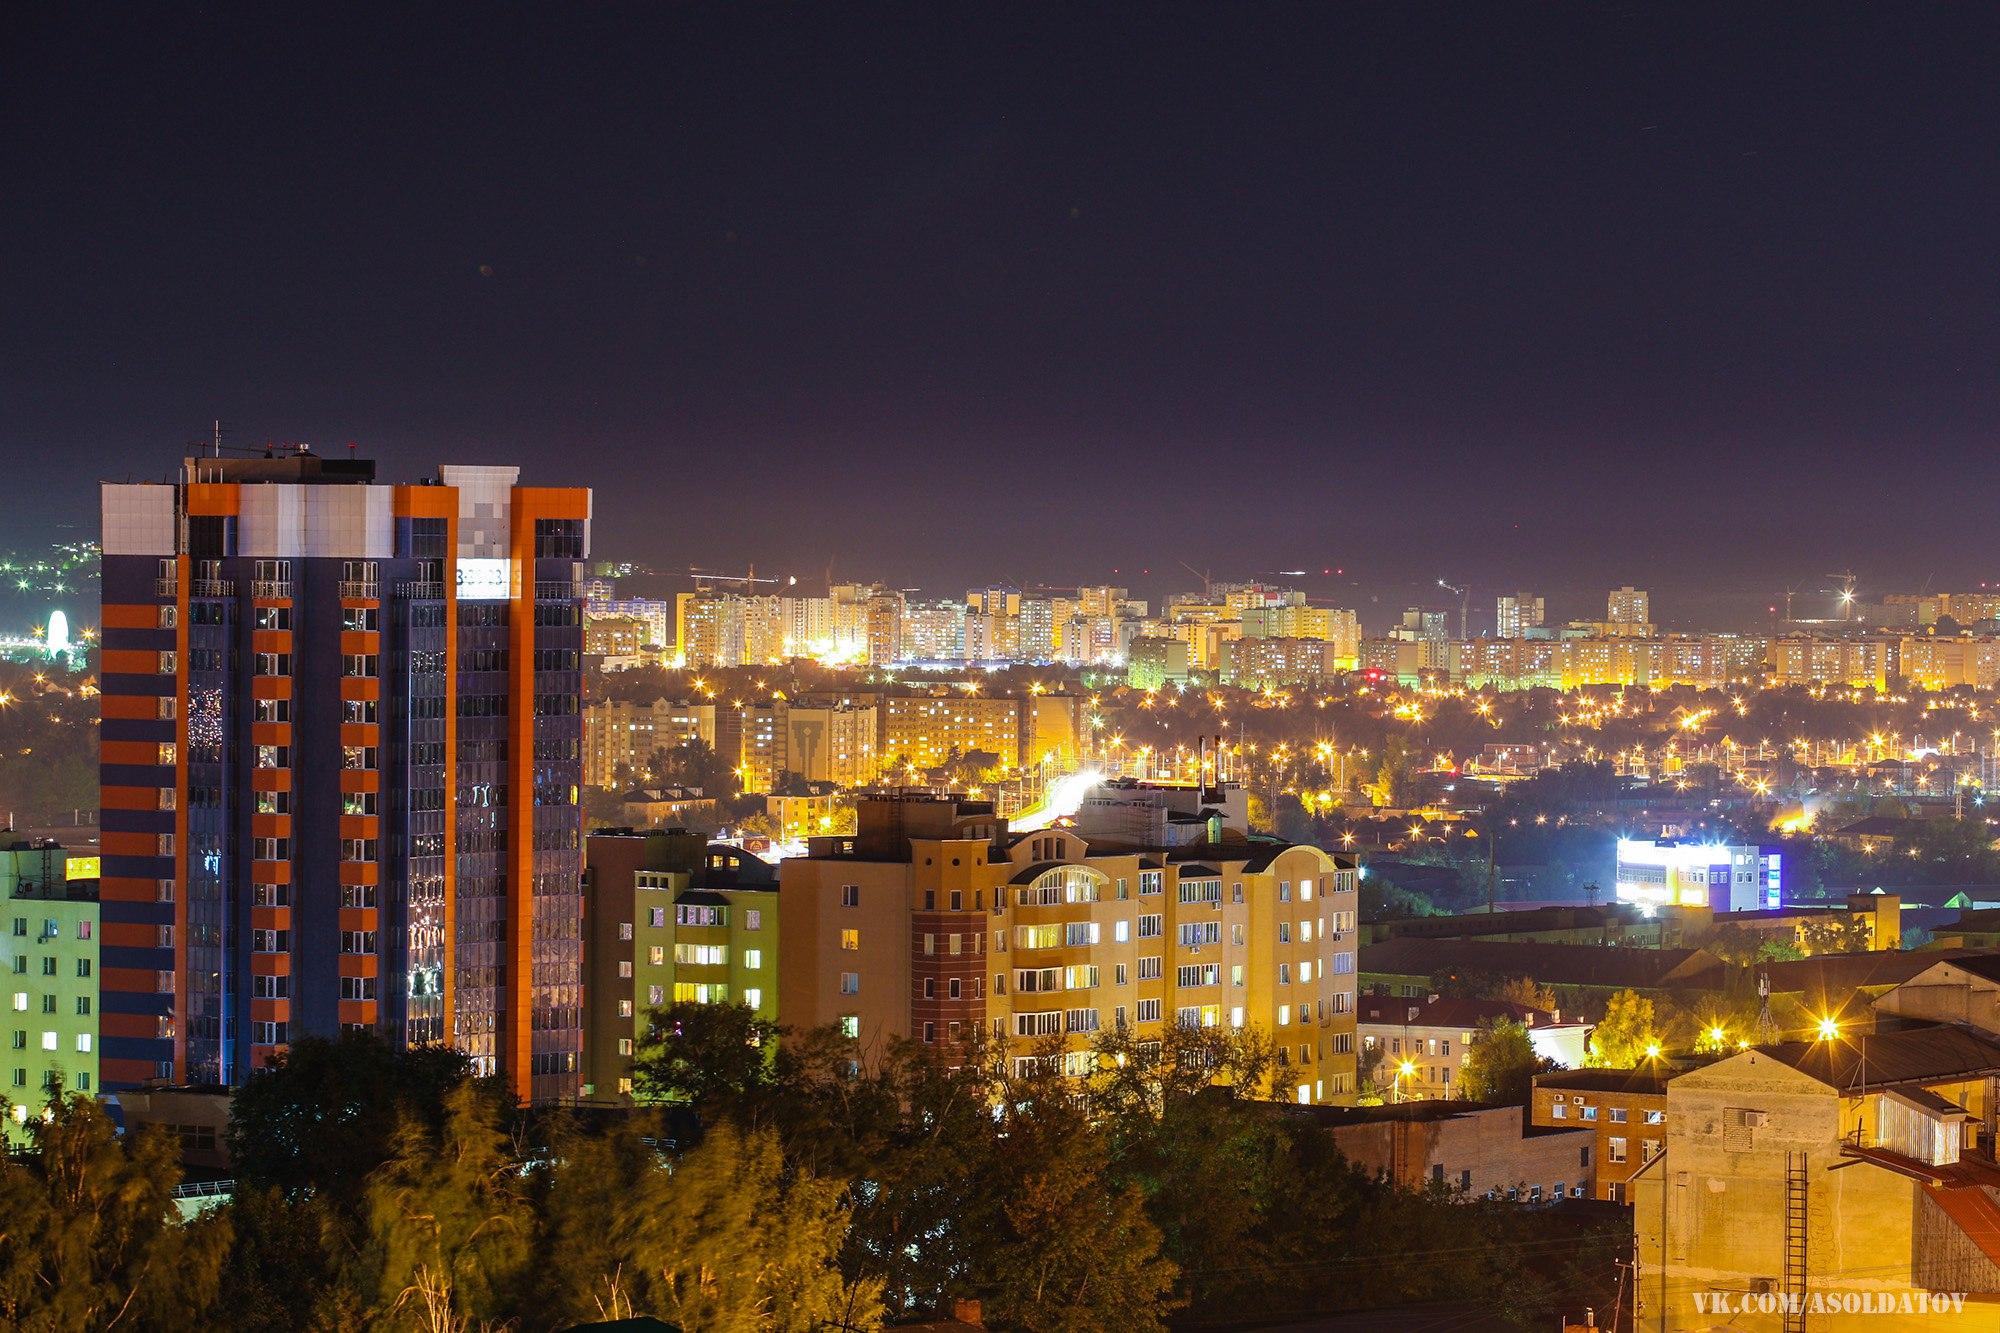 Ночная Пенза. Фото.